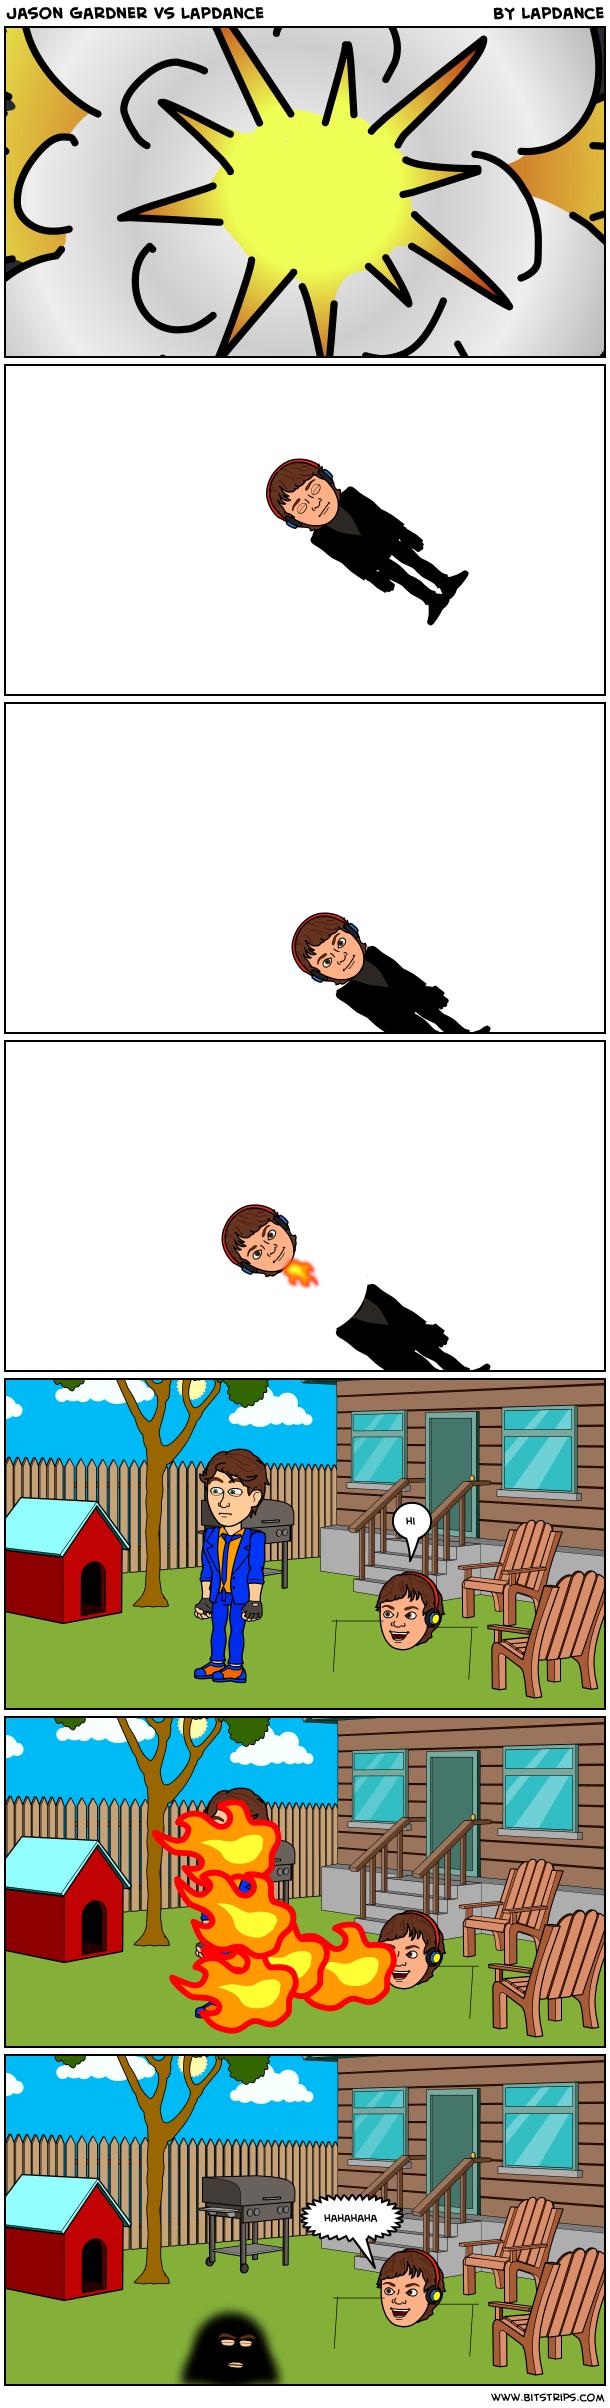 Jason Gardner vs Lapdance